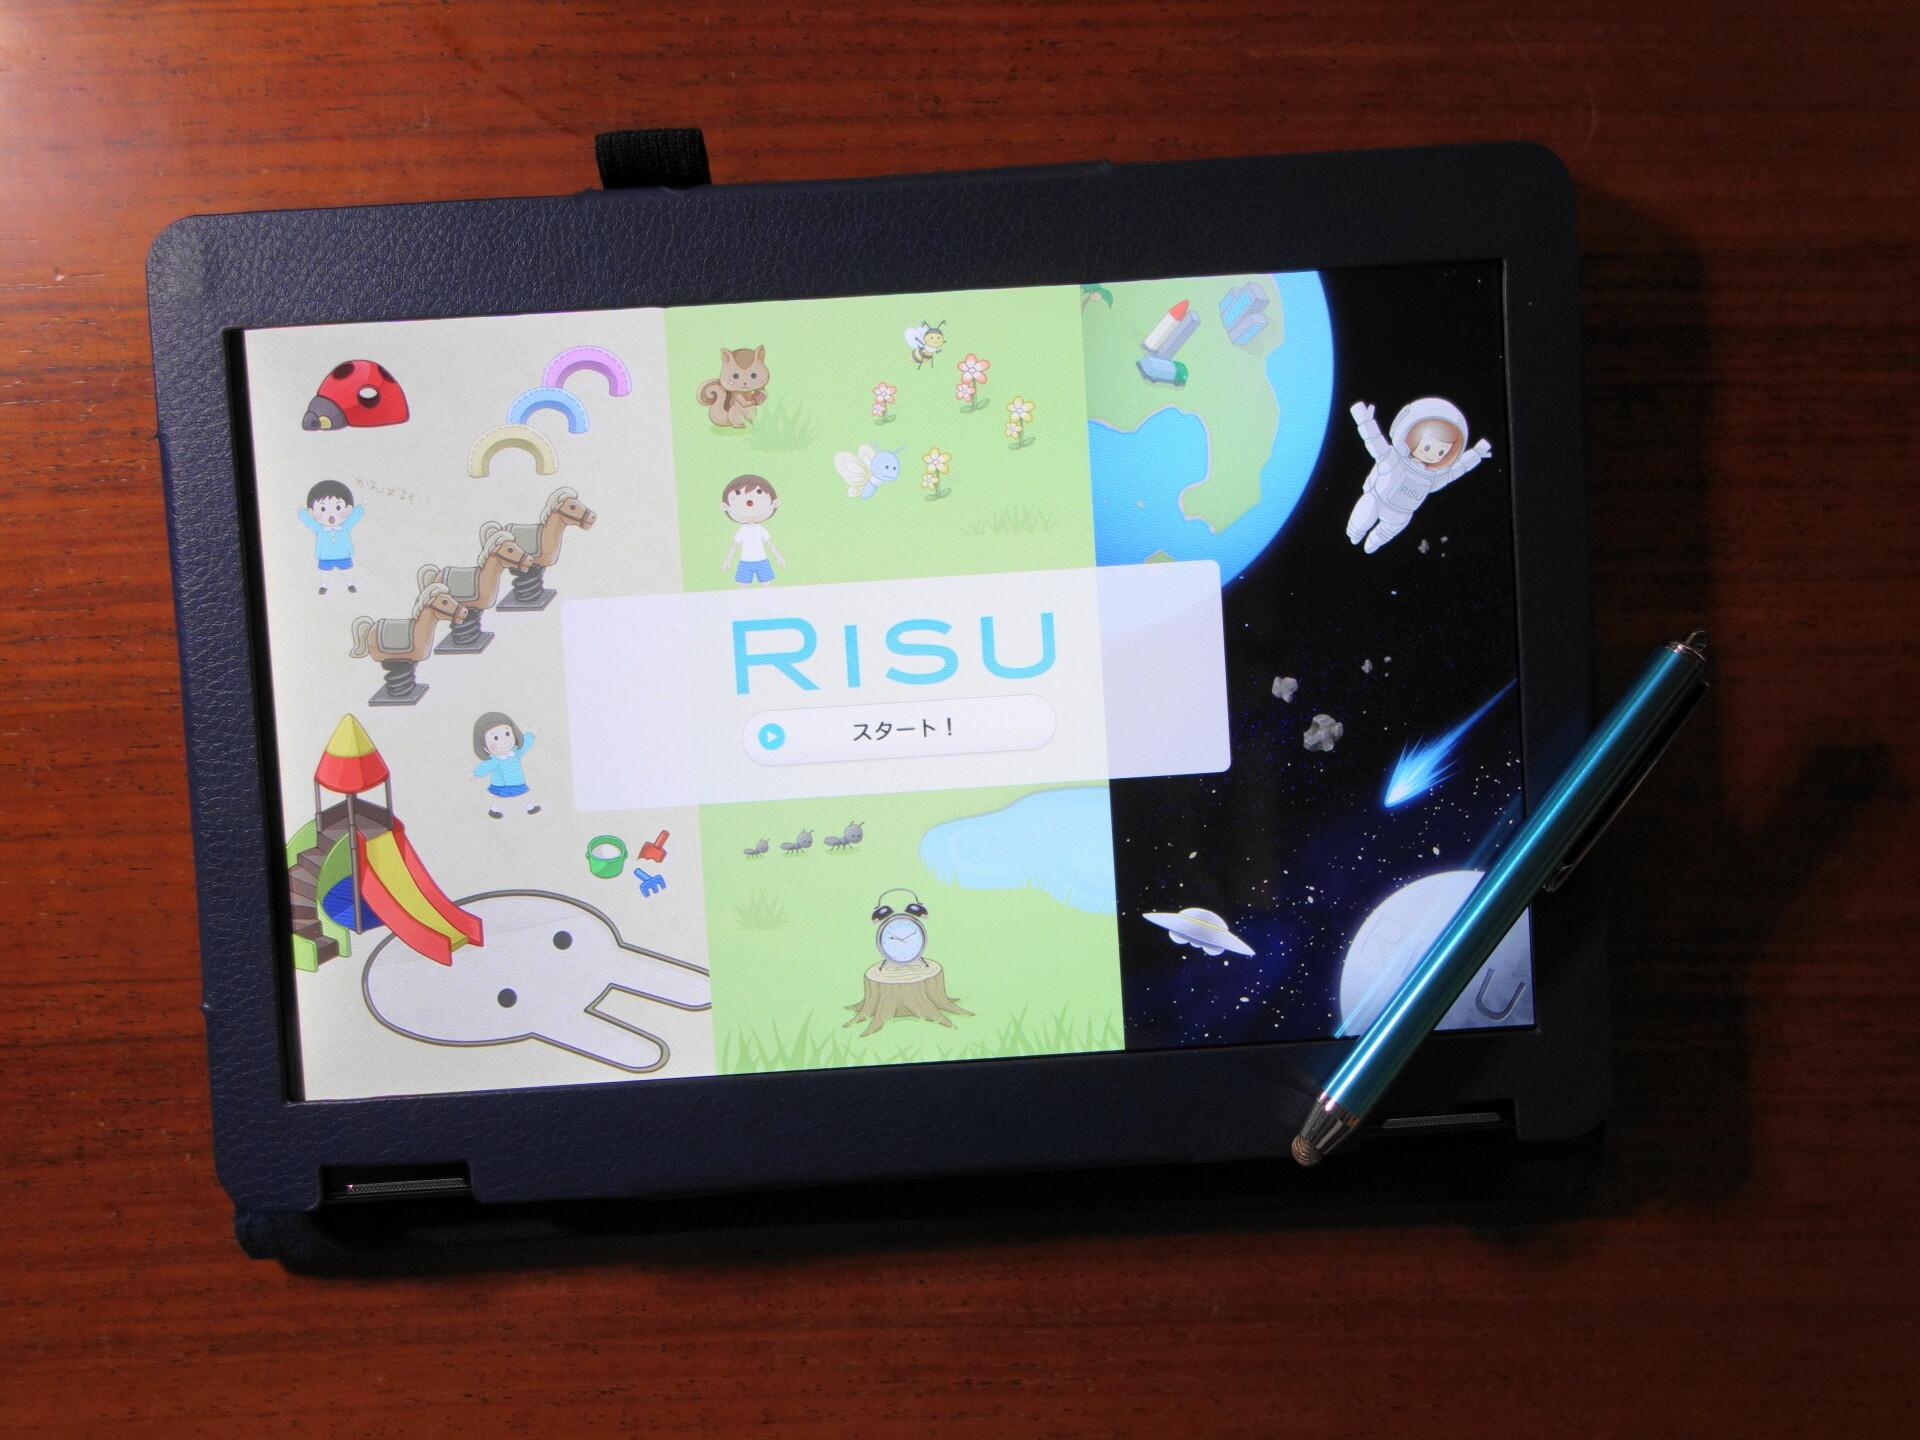 RISUのスタート画面